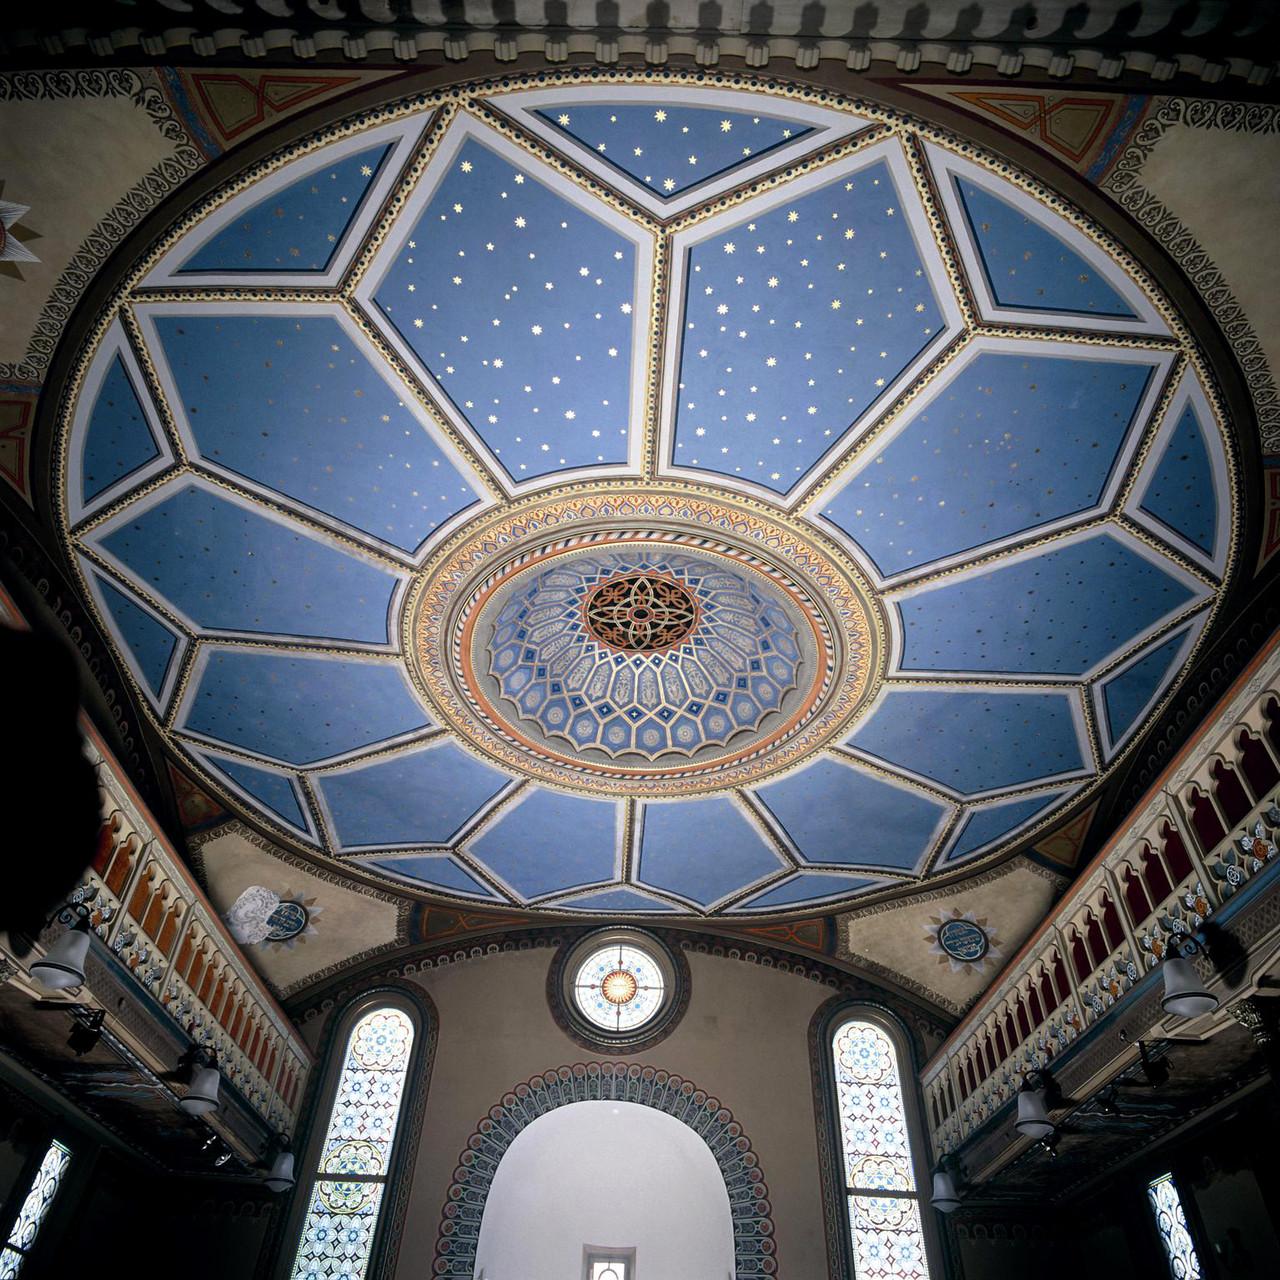 decke mit himmelsrund synagoge hechingen. Black Bedroom Furniture Sets. Home Design Ideas